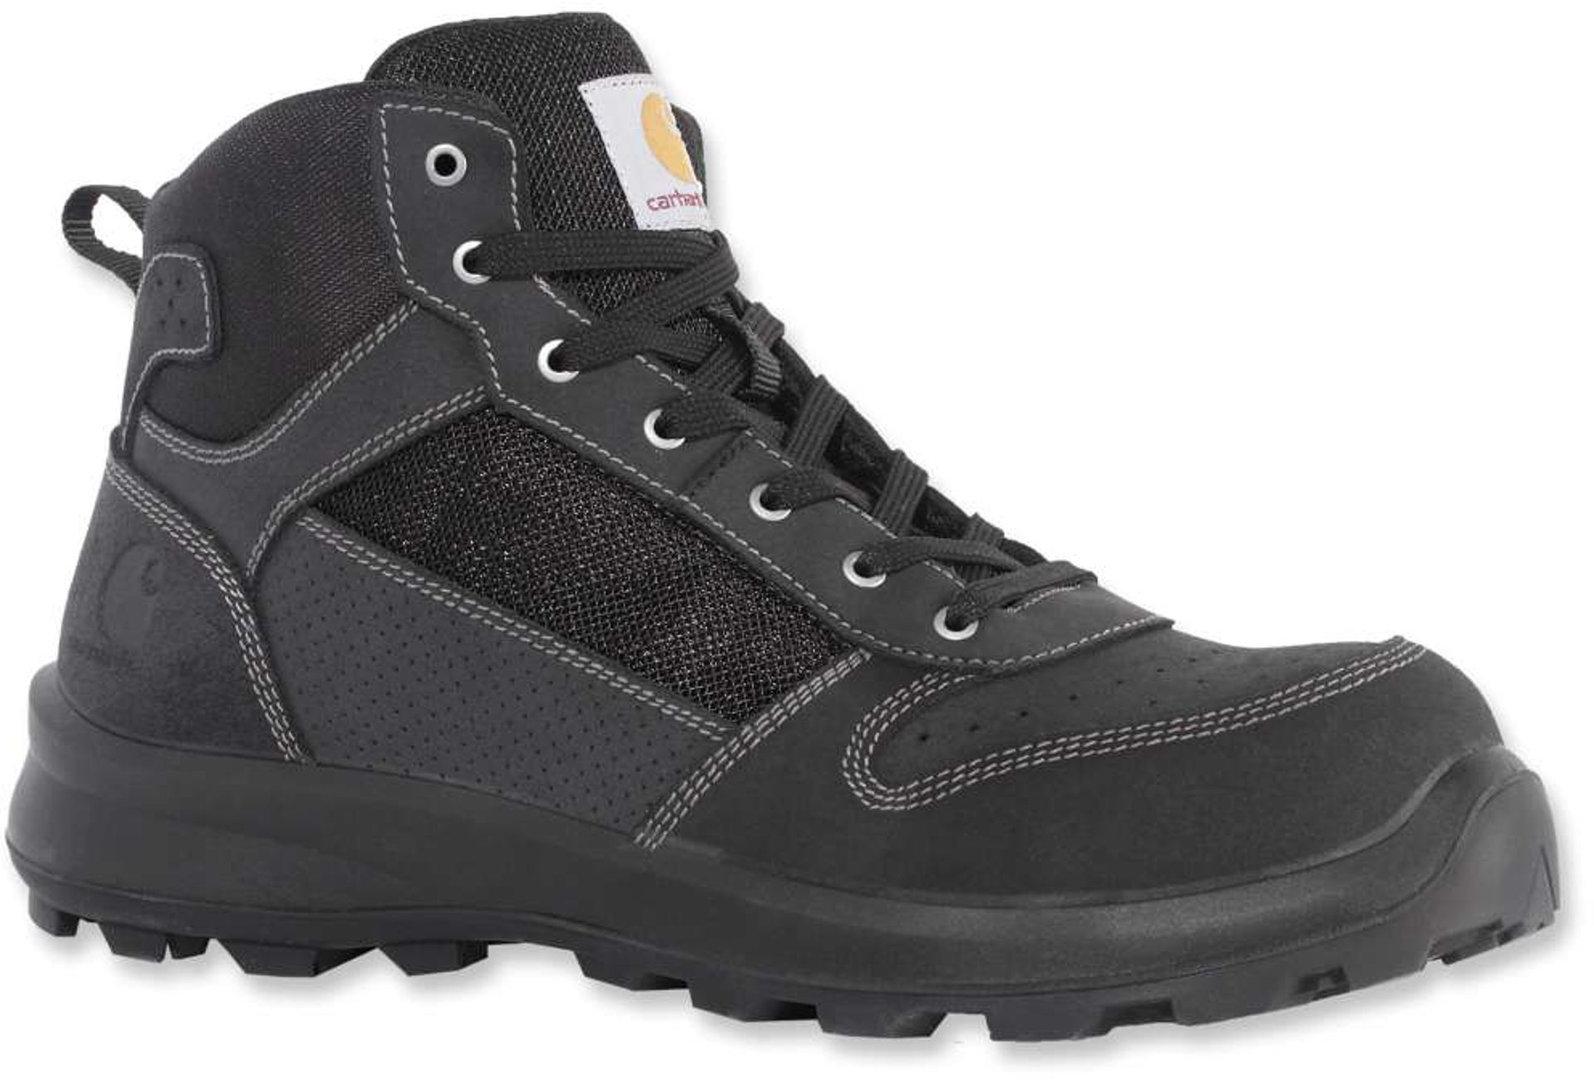 Carhartt Mid S1P Stiefel, schwarz, Größe 48, schwarz, Größe 48